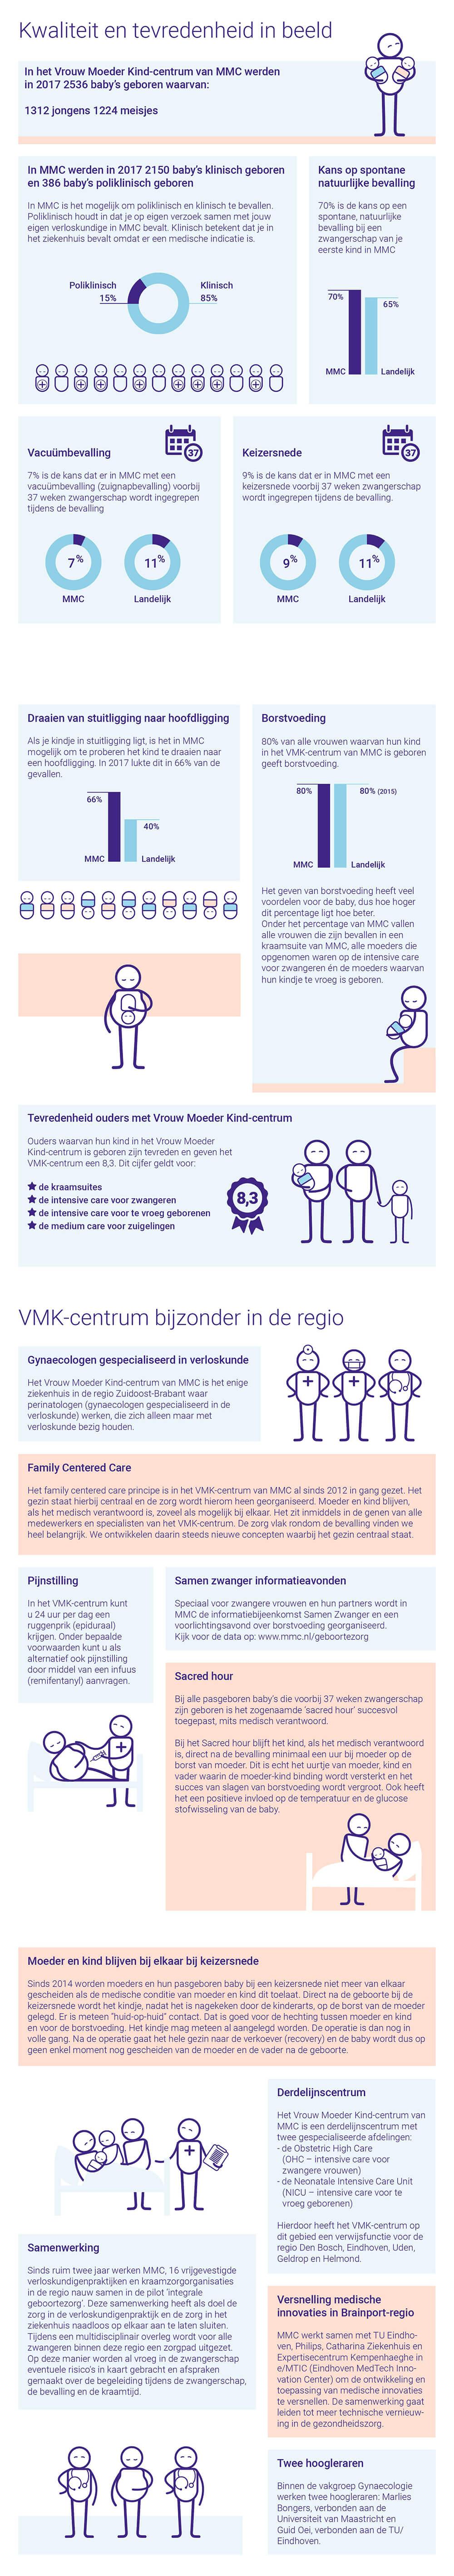 Kwaliteit in beeld Geboortezorg Infographic